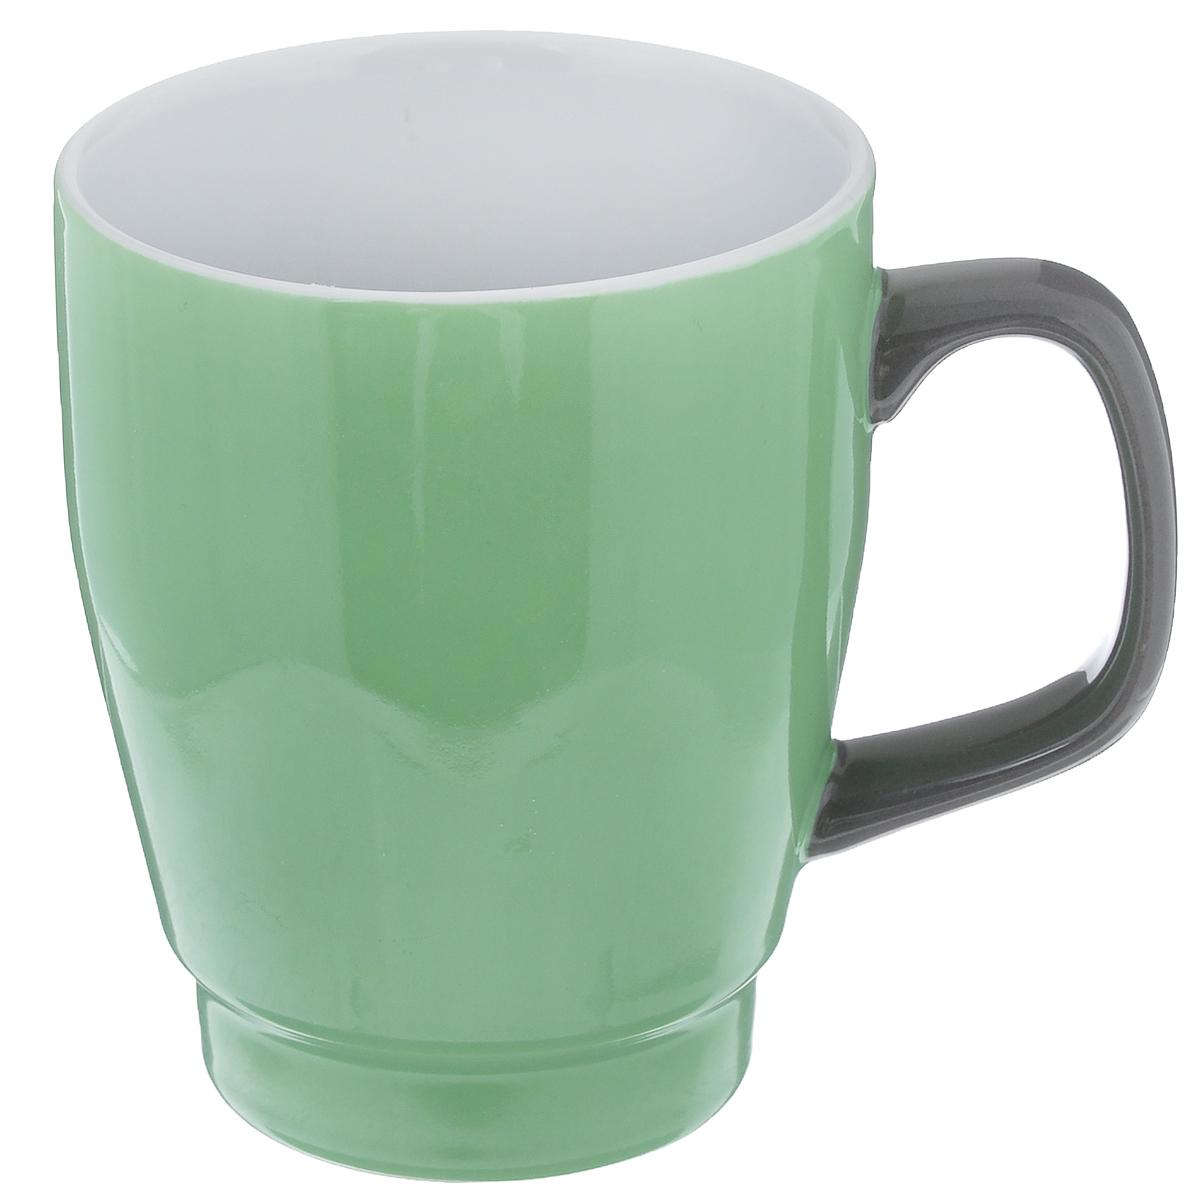 Кружка Sagaform, цвет: зеленый, серый, 380 мл5016585Кружка Sagaform выполнена из высококачественной керамики. Изделие оснащено удобной ручкой. Кружка сочетает в себе оригинальный дизайн и функциональность. Благодаря такой кружке пить напитки будет еще вкуснее. Кружка Sagaform согреет вас долгими холодными вечерами. Можно использовать в посудомоечной машине. Объем: 380 мл. Диаметр (по верхнему краю): 8,5 см. Высота кружки: 11 см.